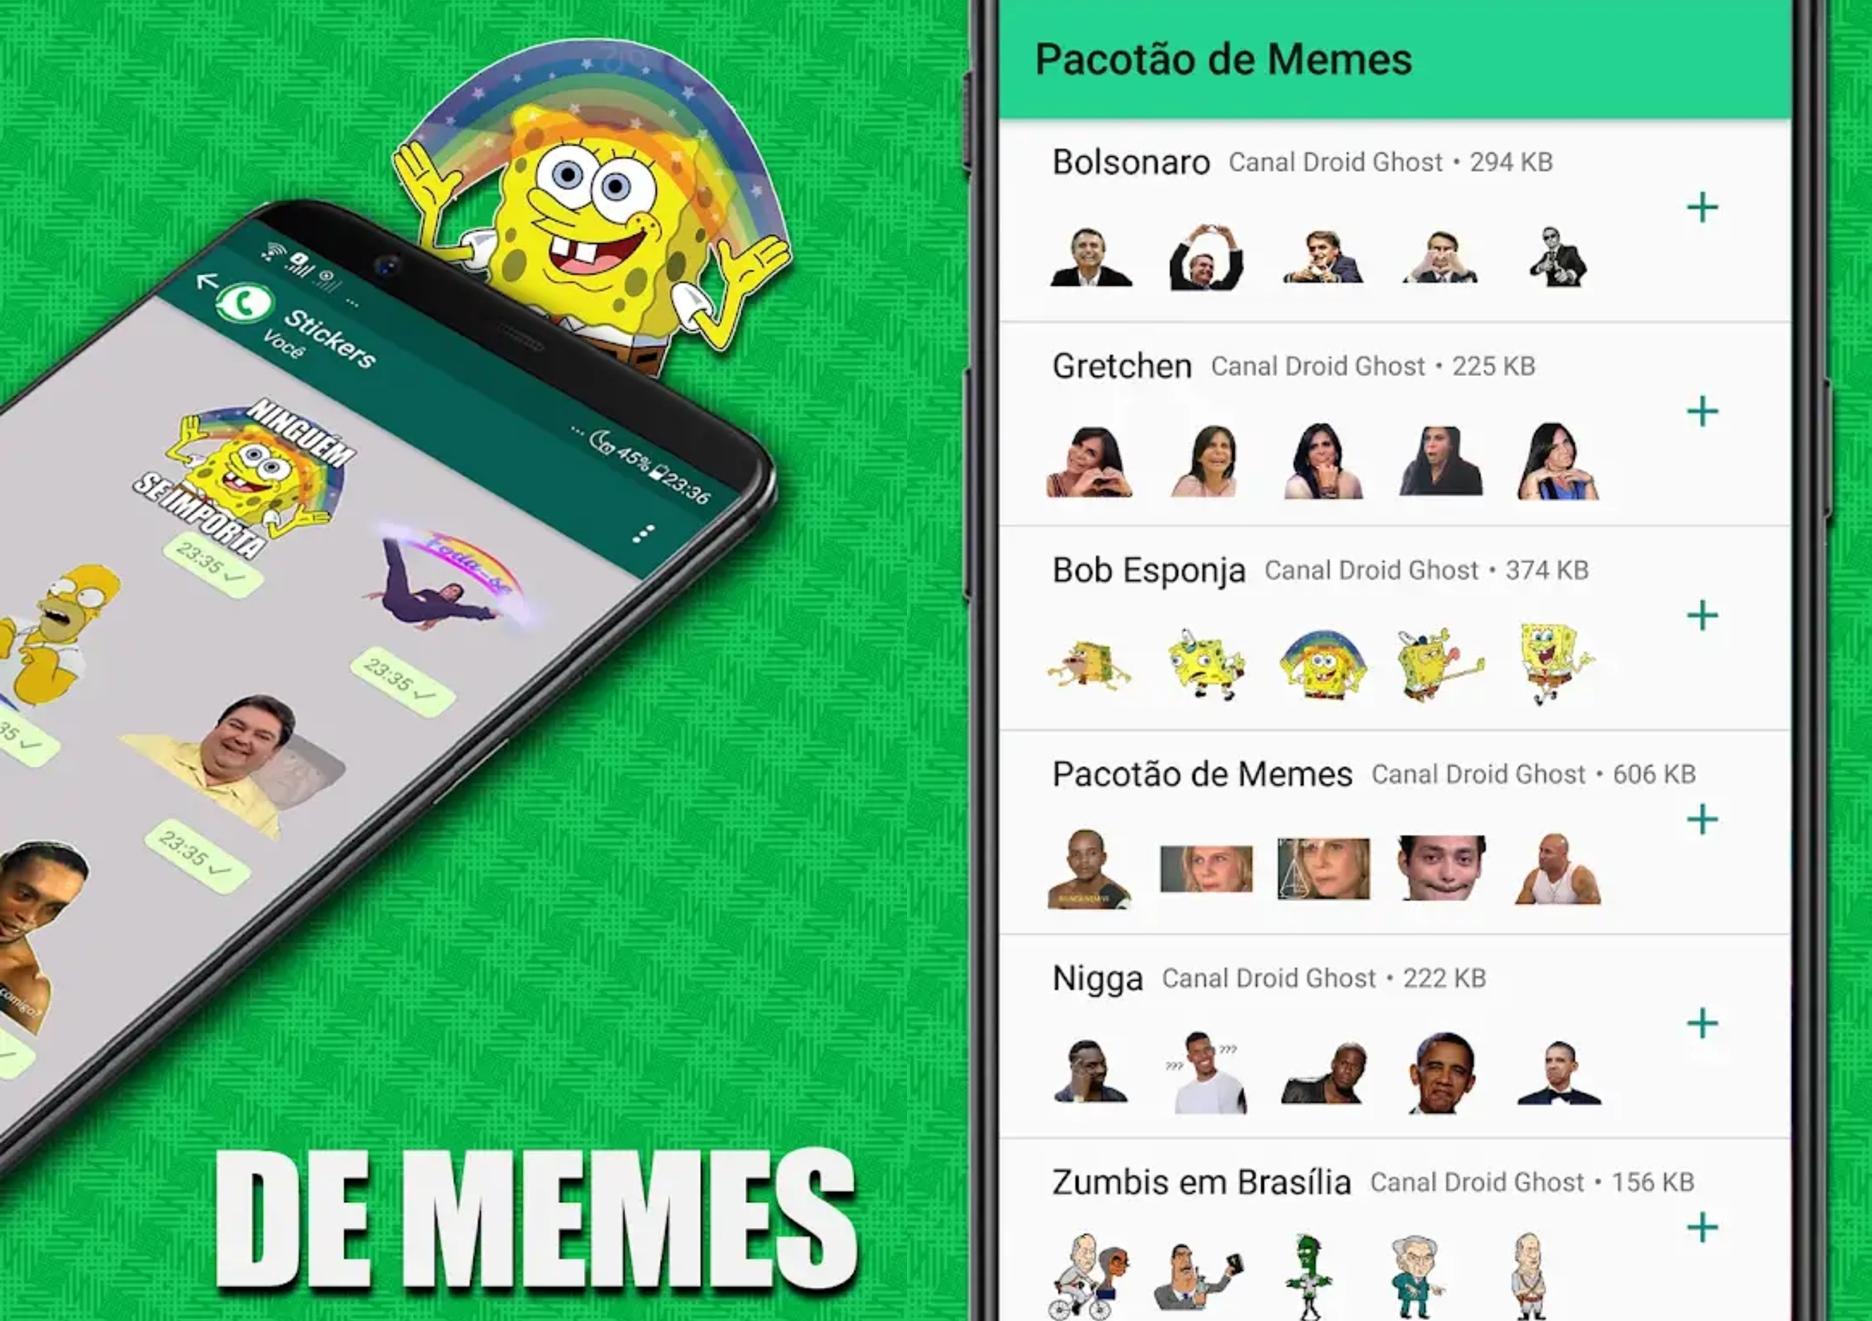 Pacotao-de-Memes-WAStickers